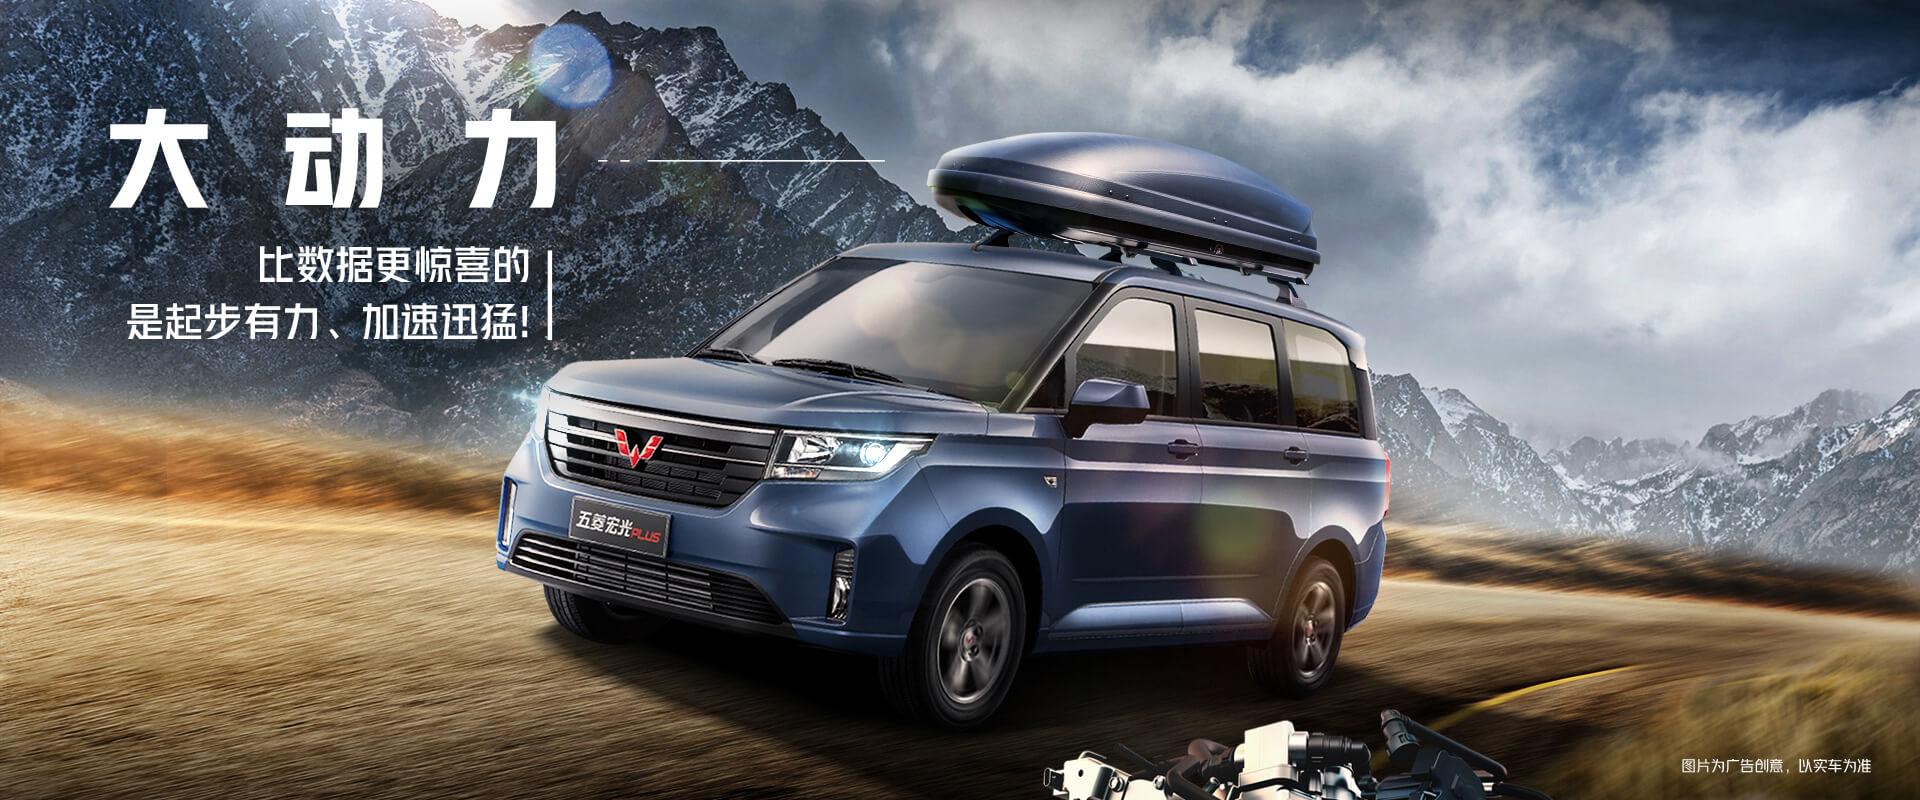 五菱(ling)宏光PLUS,宏光PLUS,五菱(ling)宏光,新車型(xing),動力系統